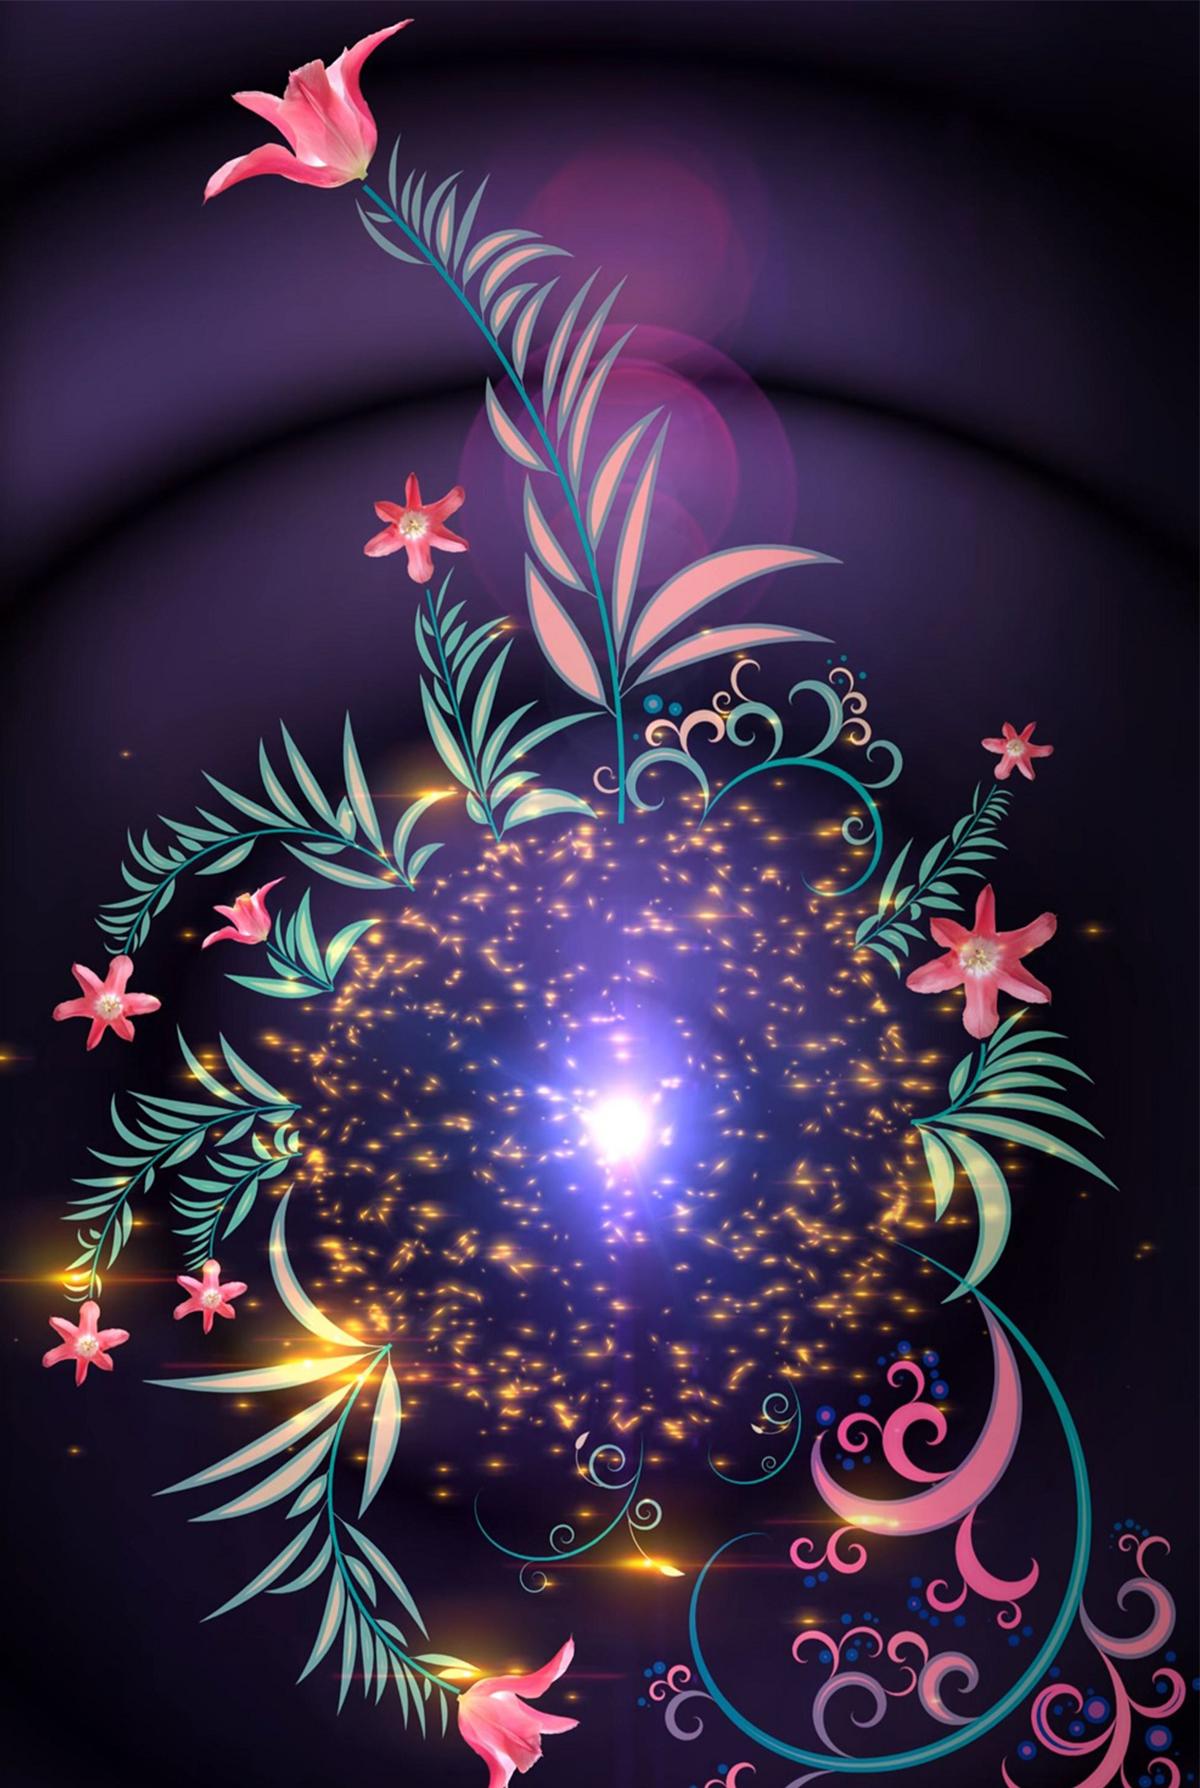 nft_flower2